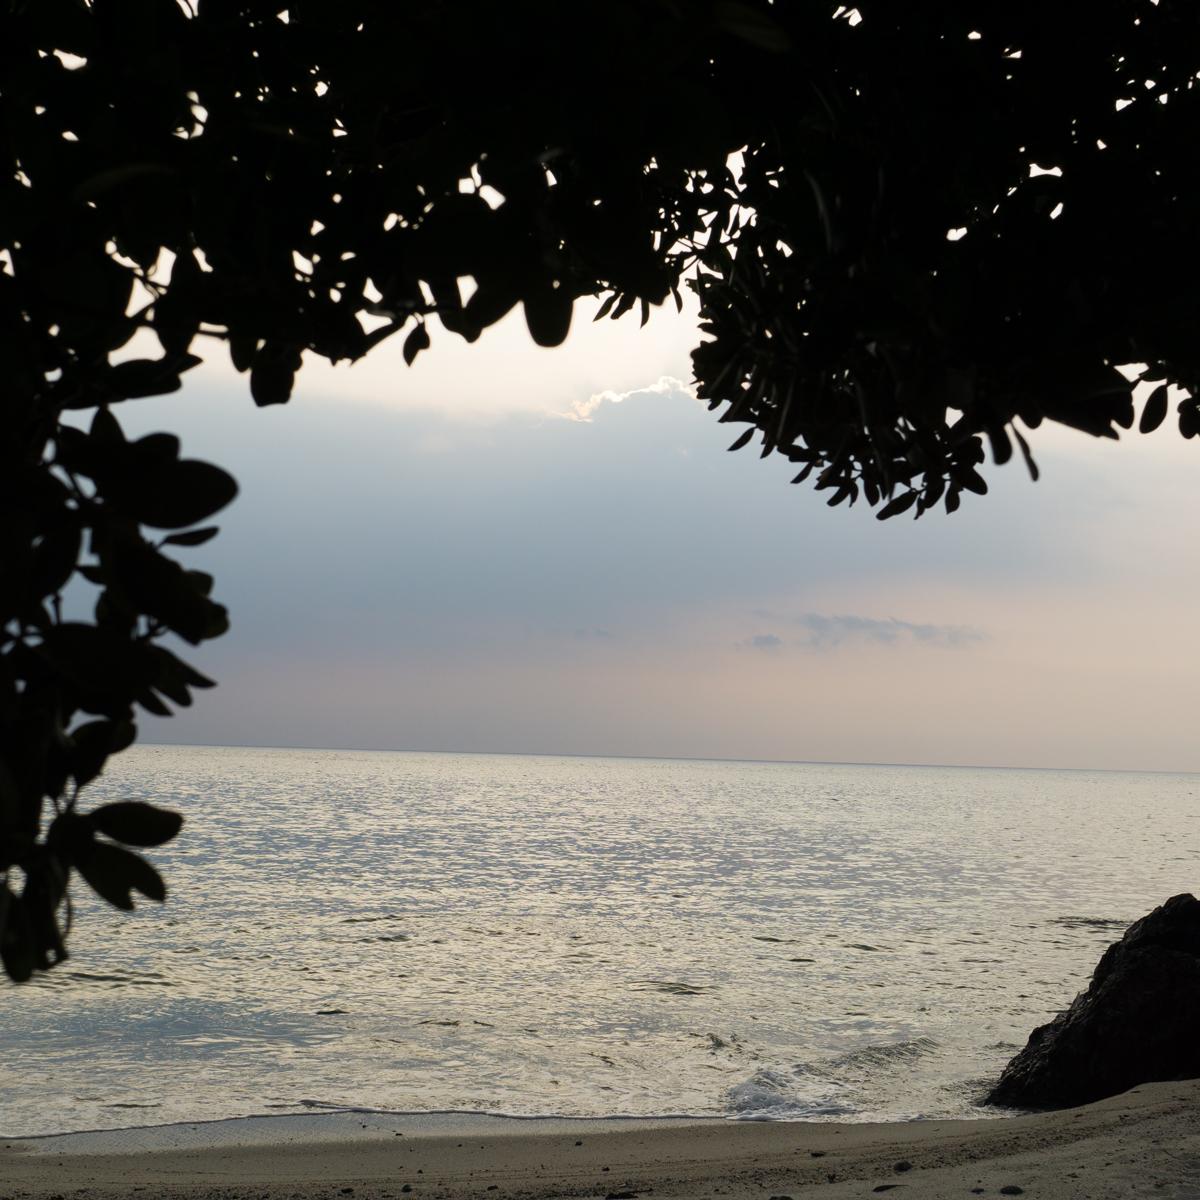 屋久島の海 夕暮れ時 オーダーメイドマリッジリングのモチーフ 屋久島海とジュエリー